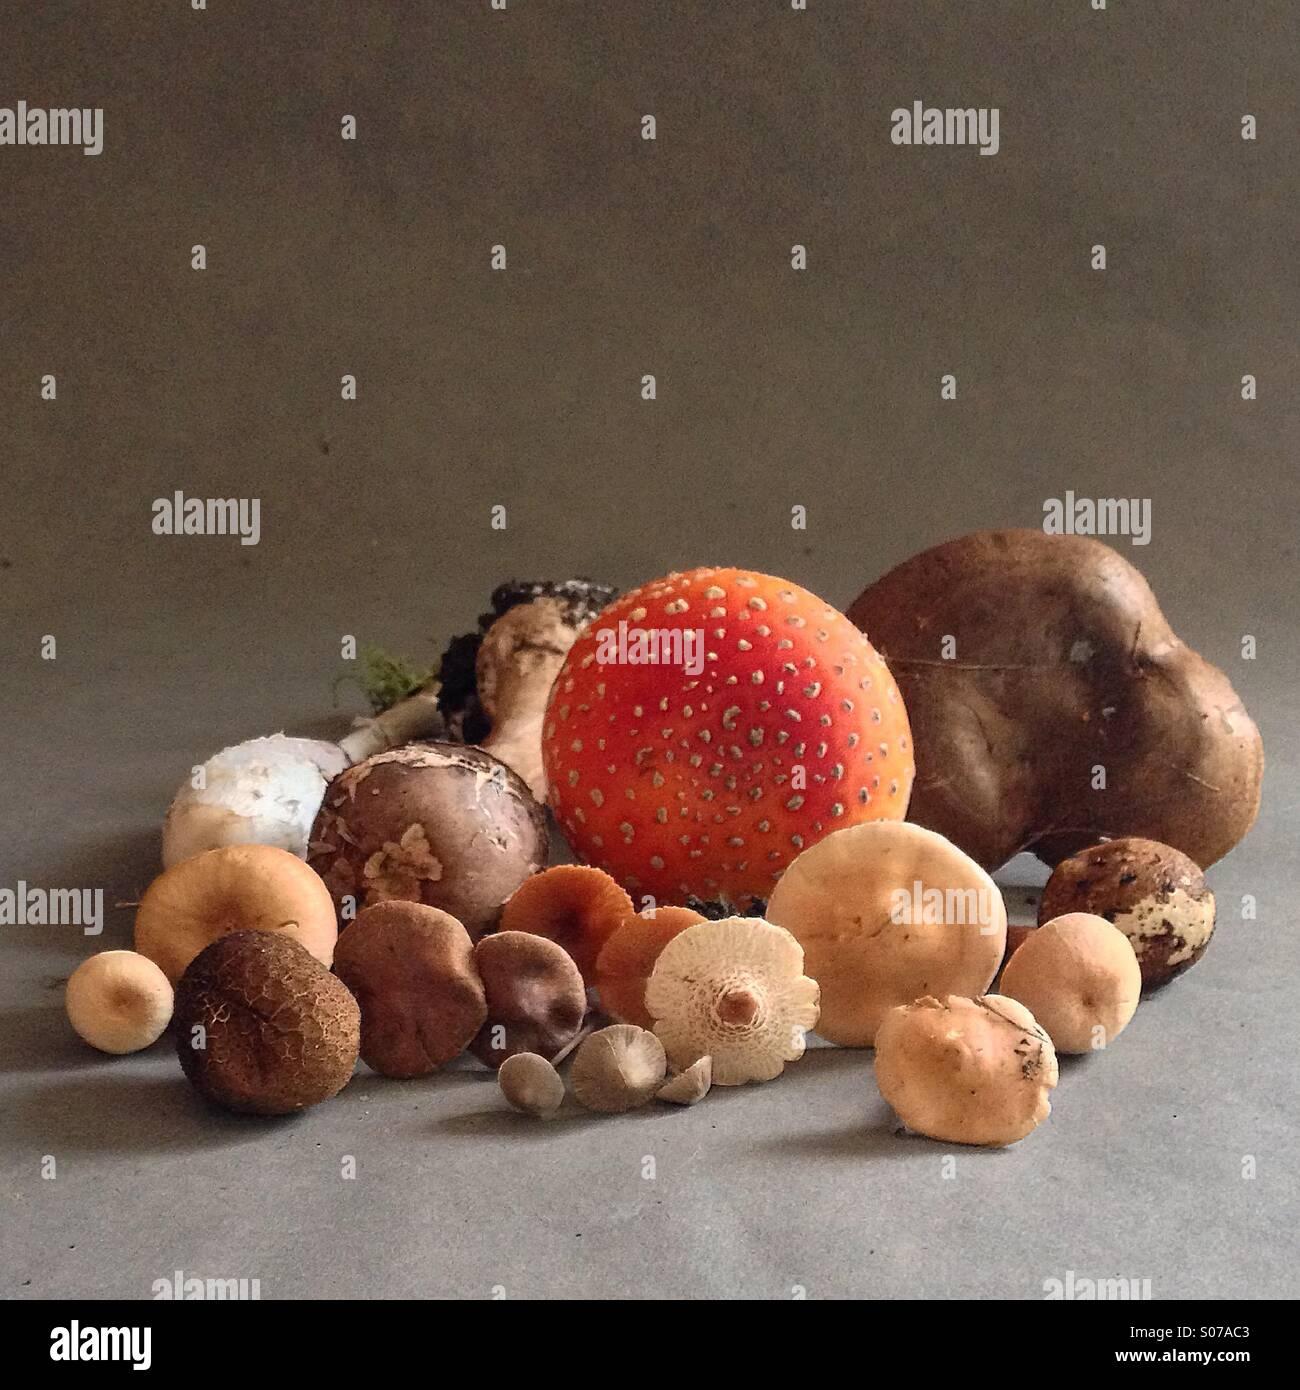 Fungi still life - Stock Image